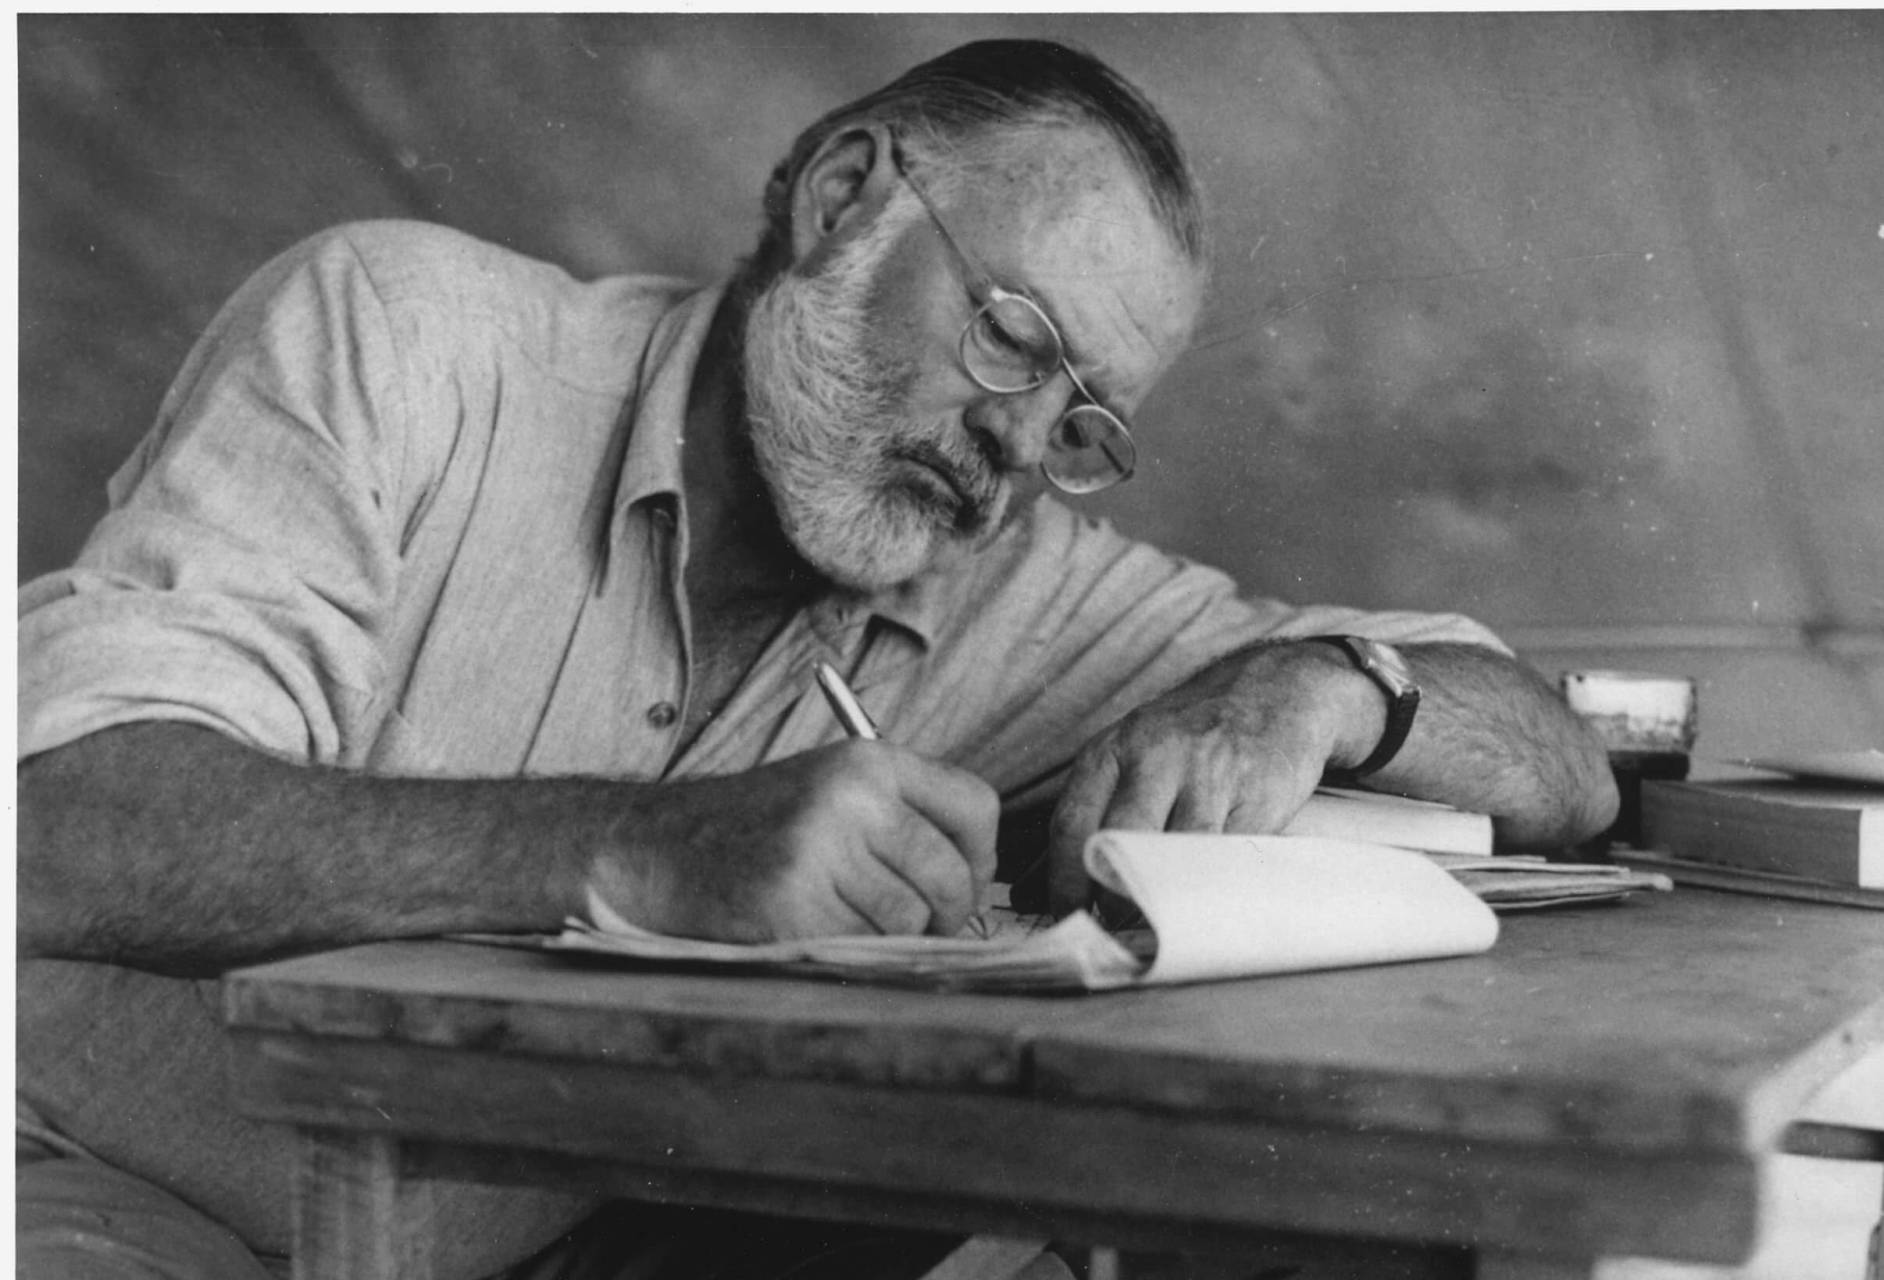 Hemingway lutad över ett anteckningsblock